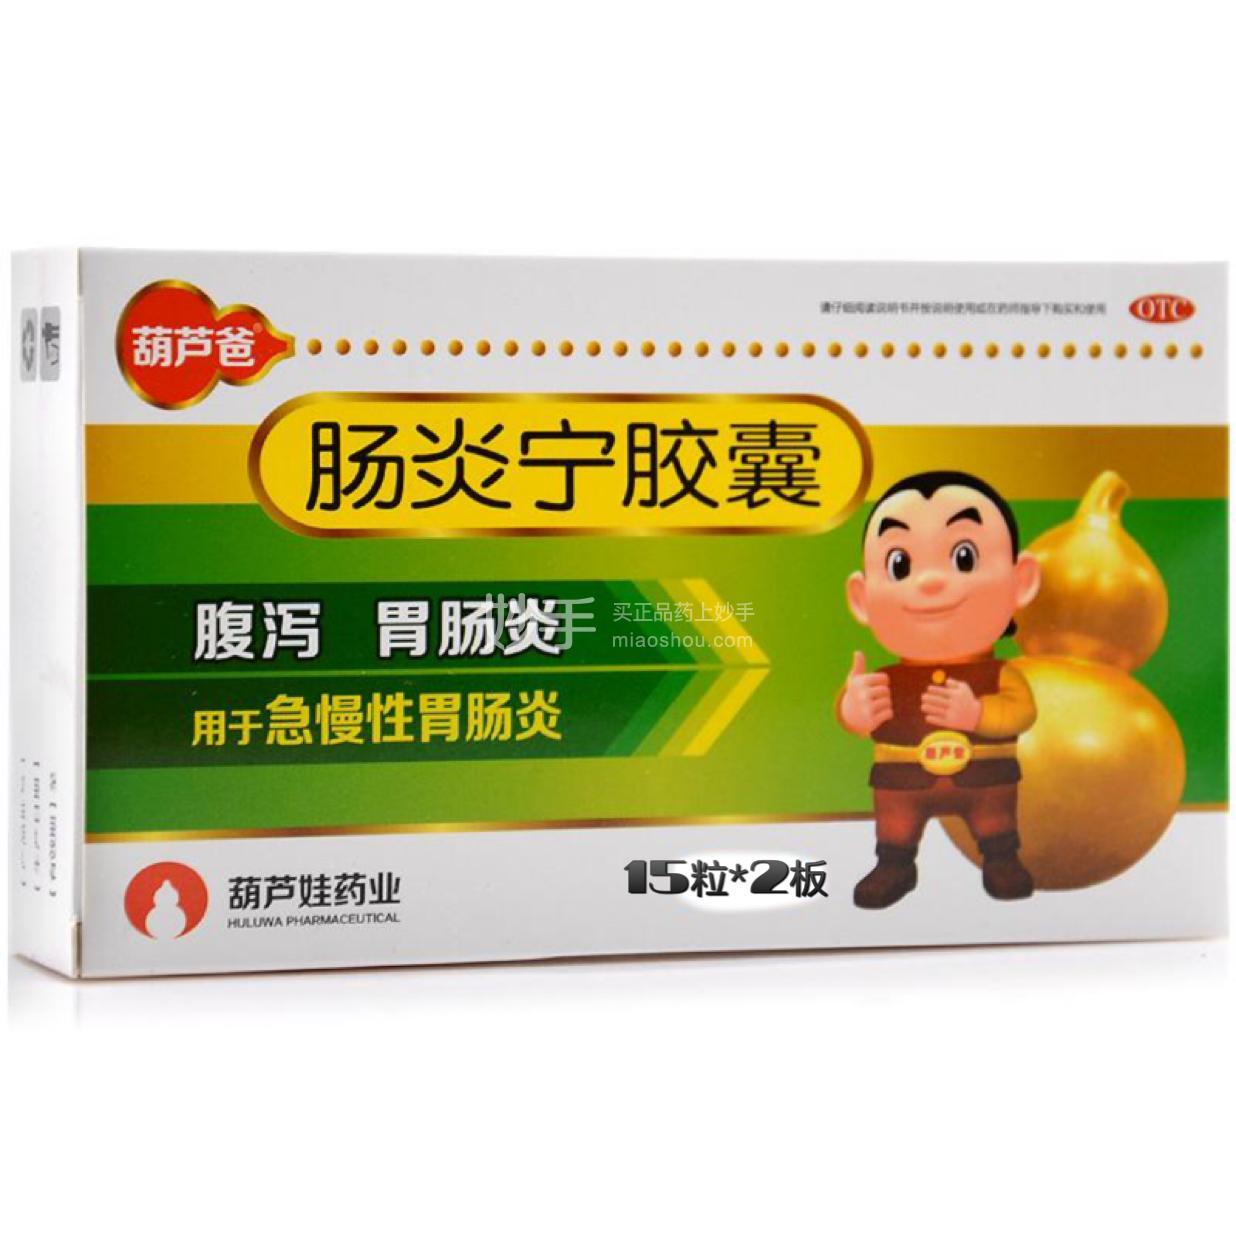 葫芦爸 肠炎宁胶囊 0.3克*15粒*2板